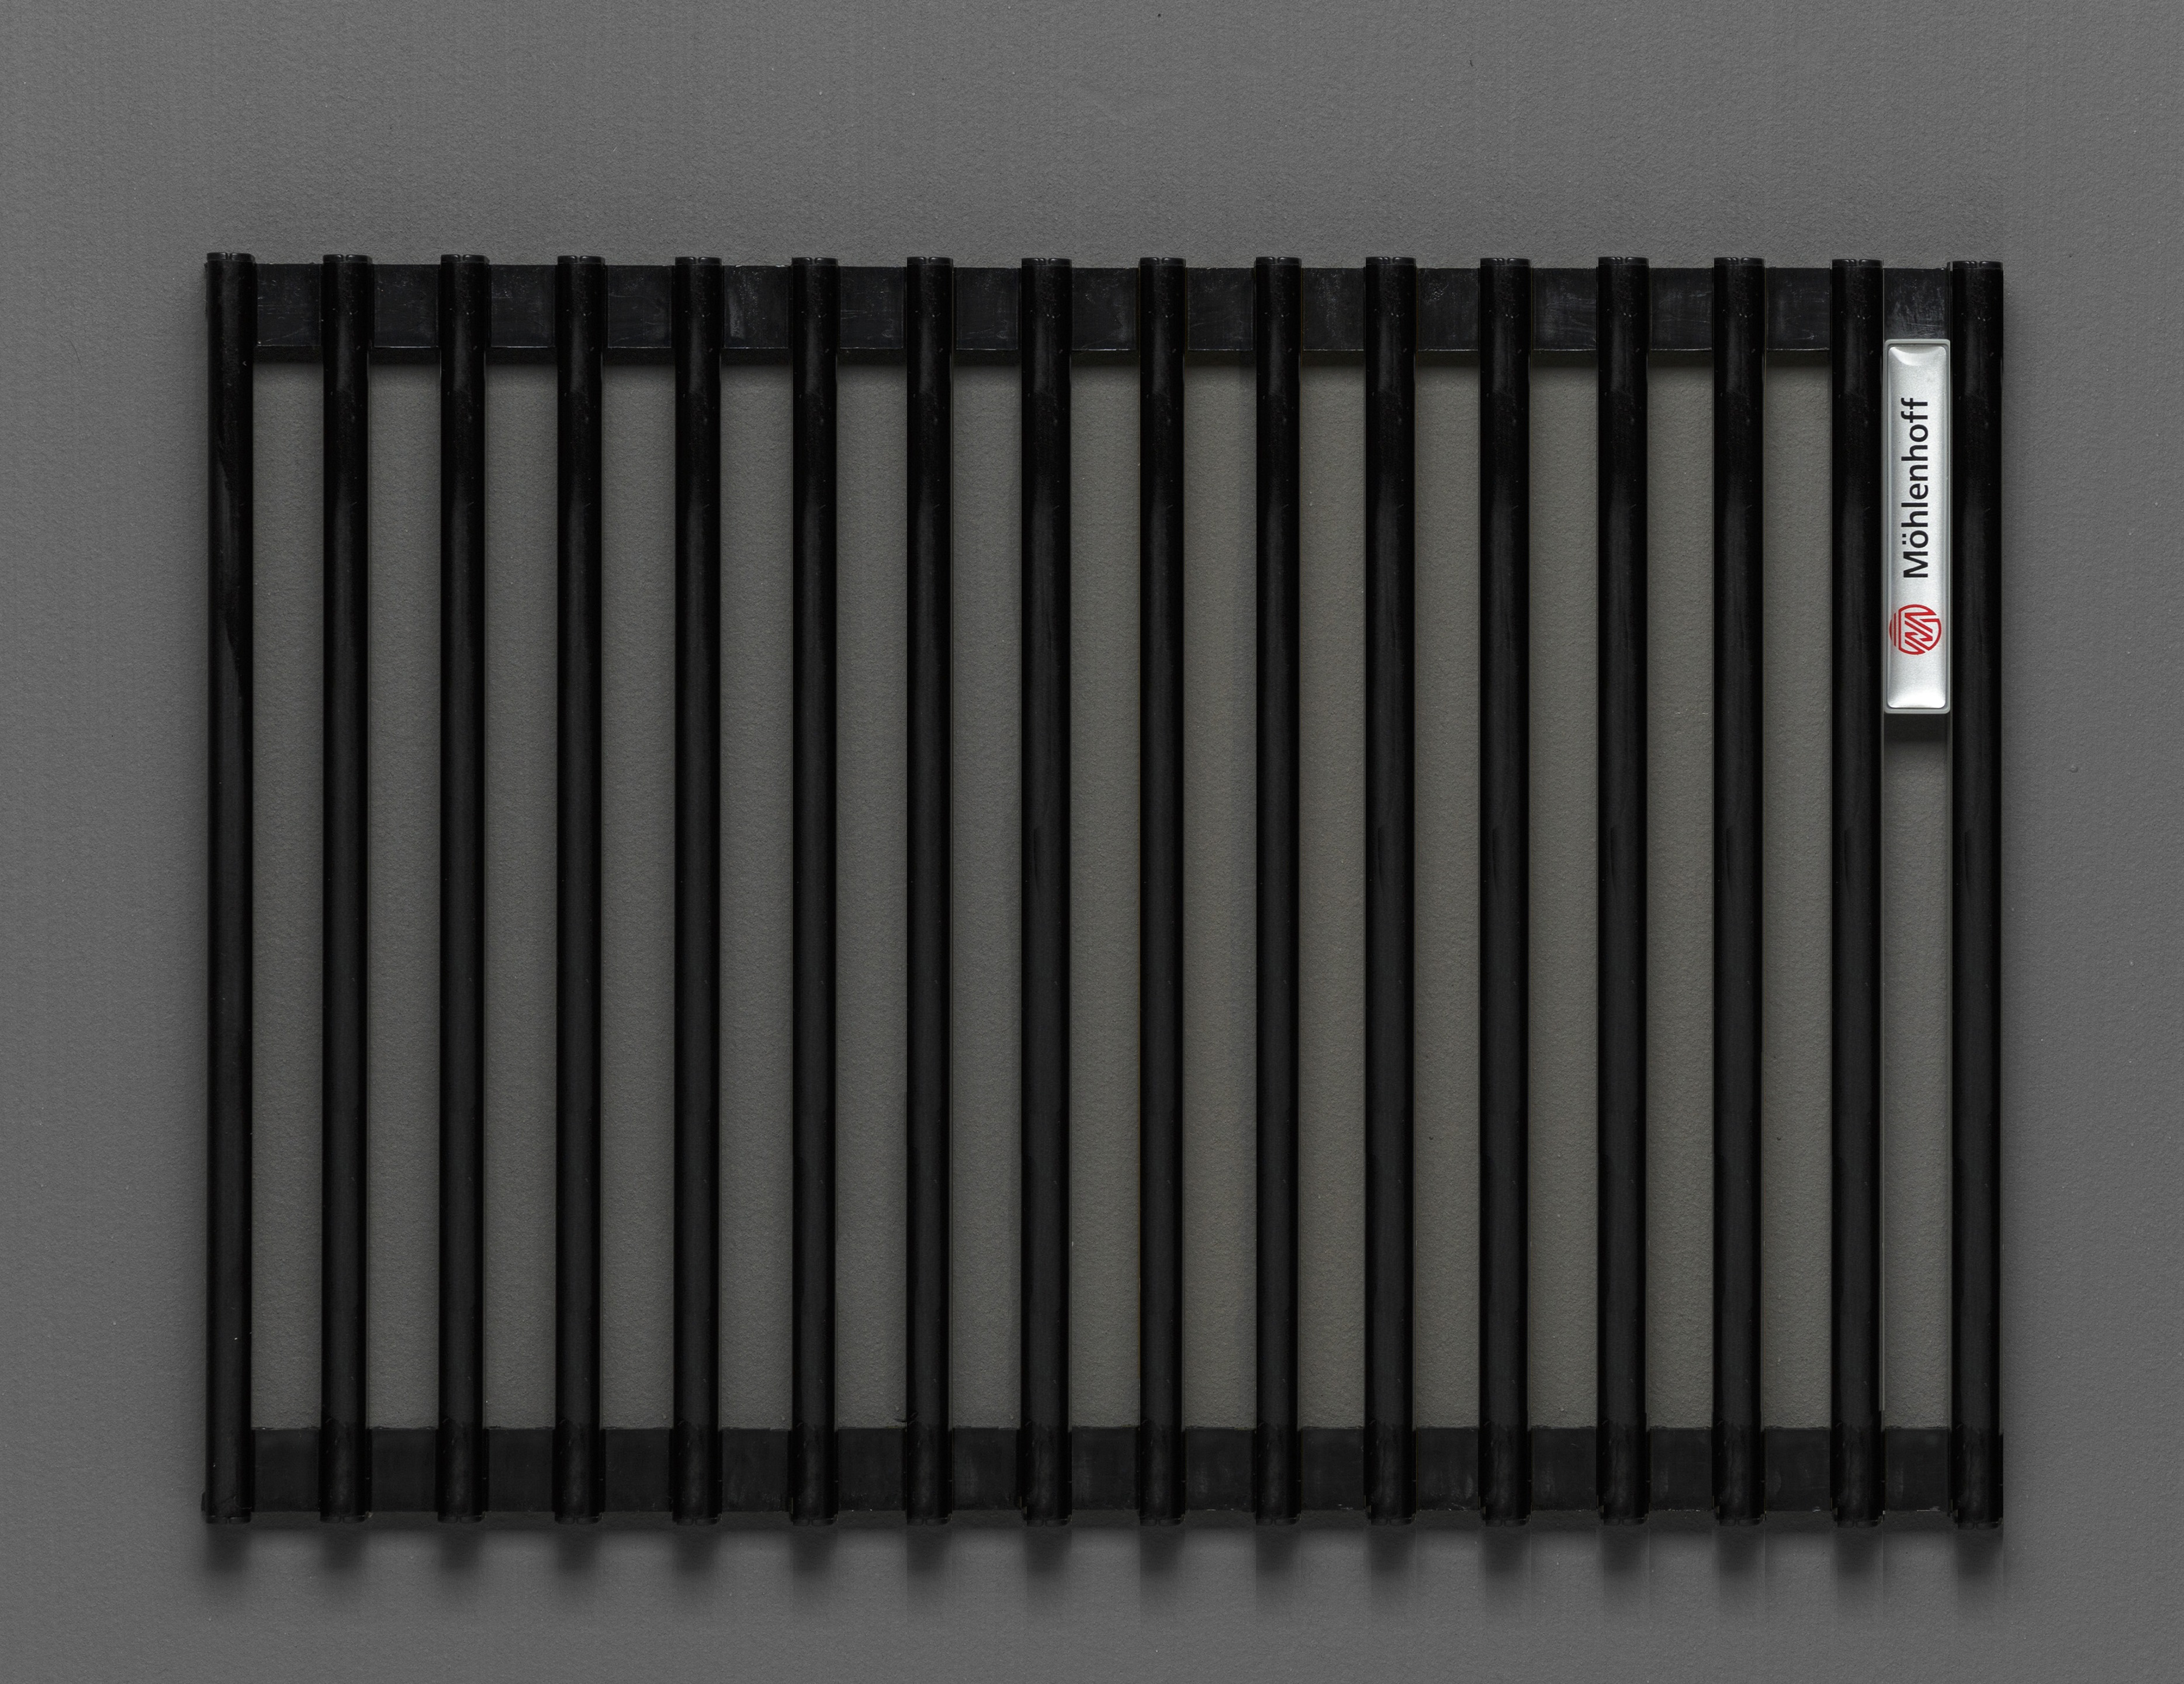 Купить Декоративная решётка Mohlenhoff черный, шириной 180 мм 1 пог. м, Россия